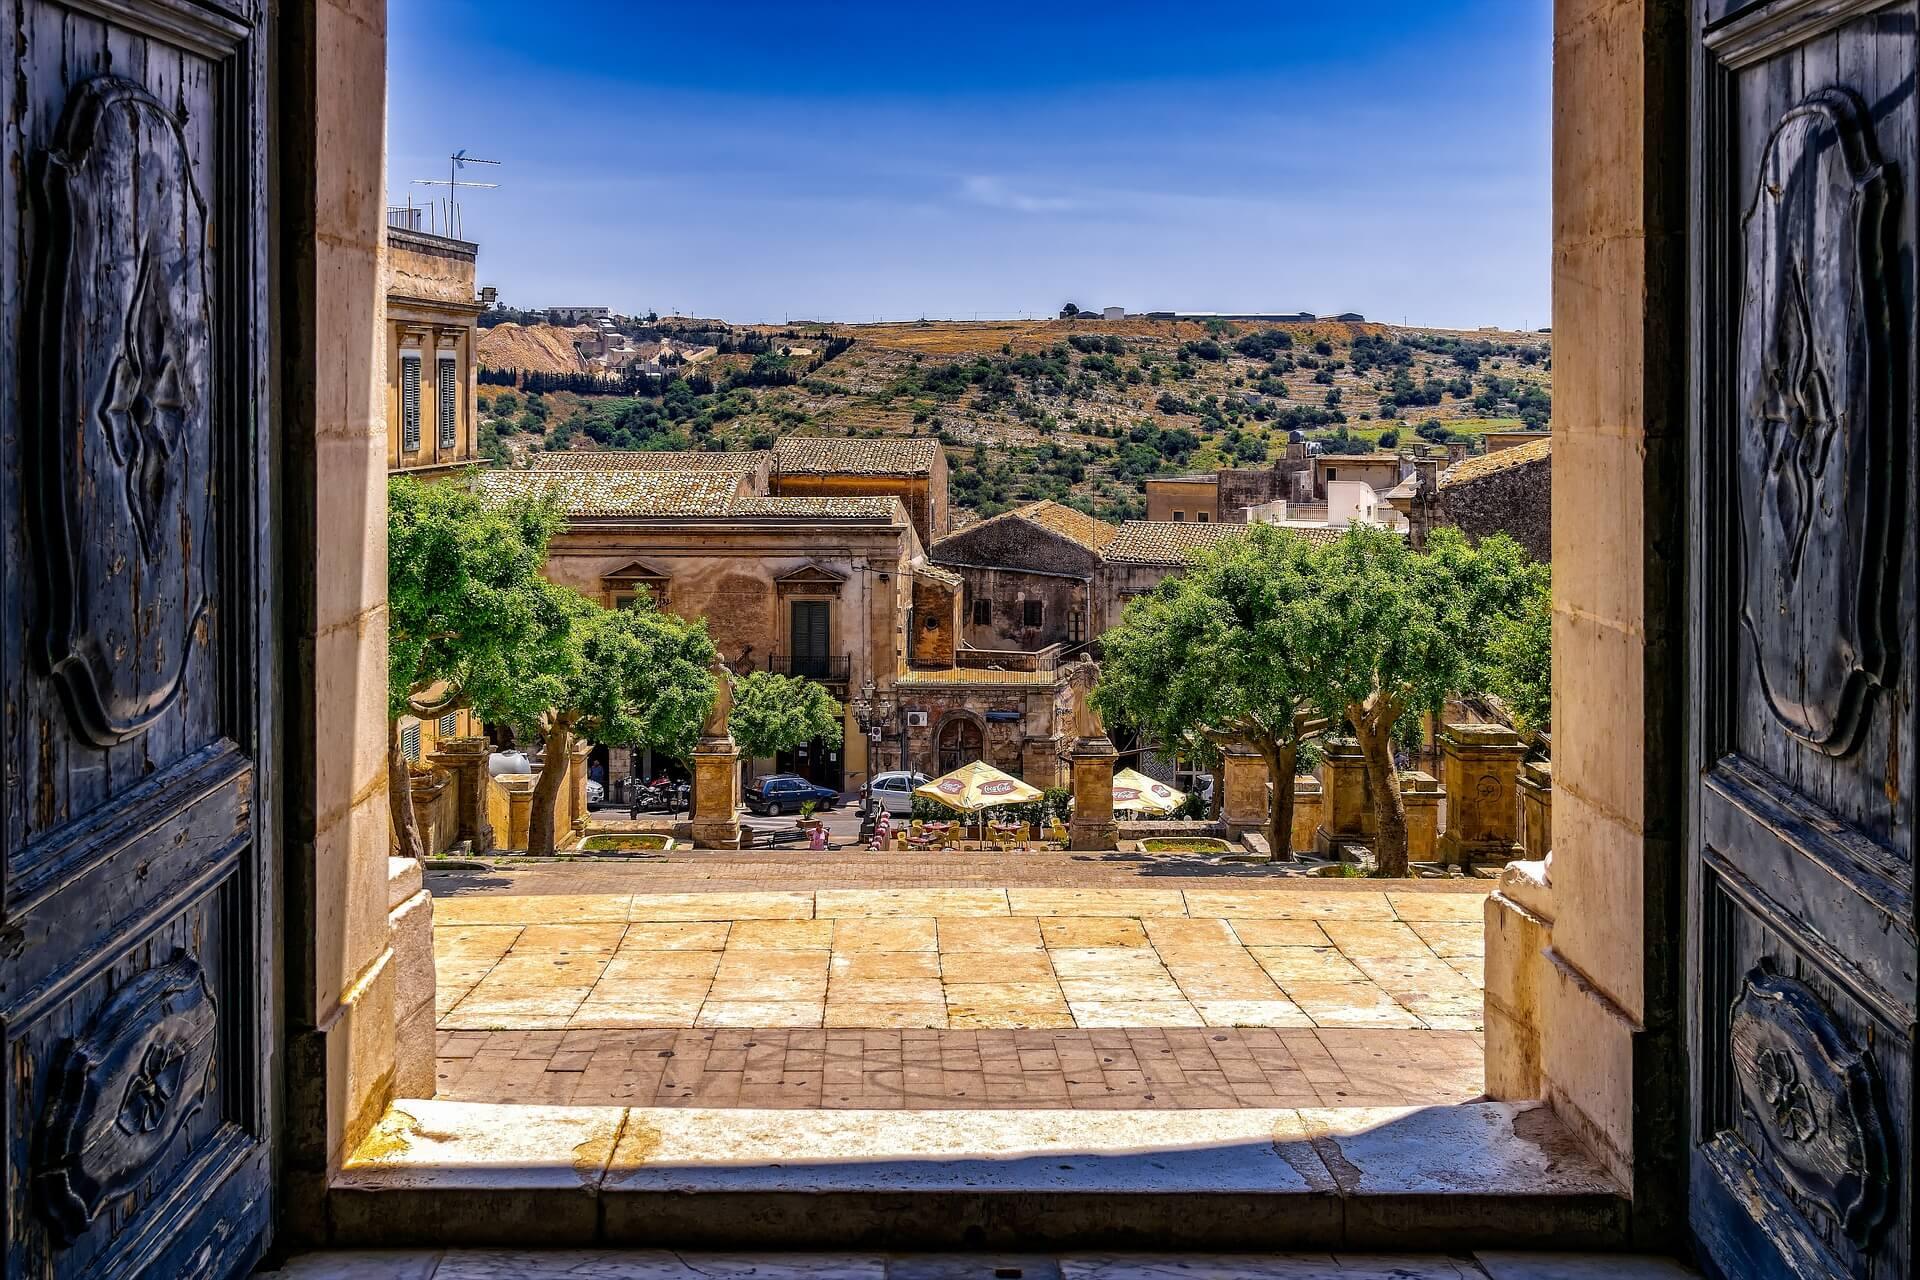 門から見える景色